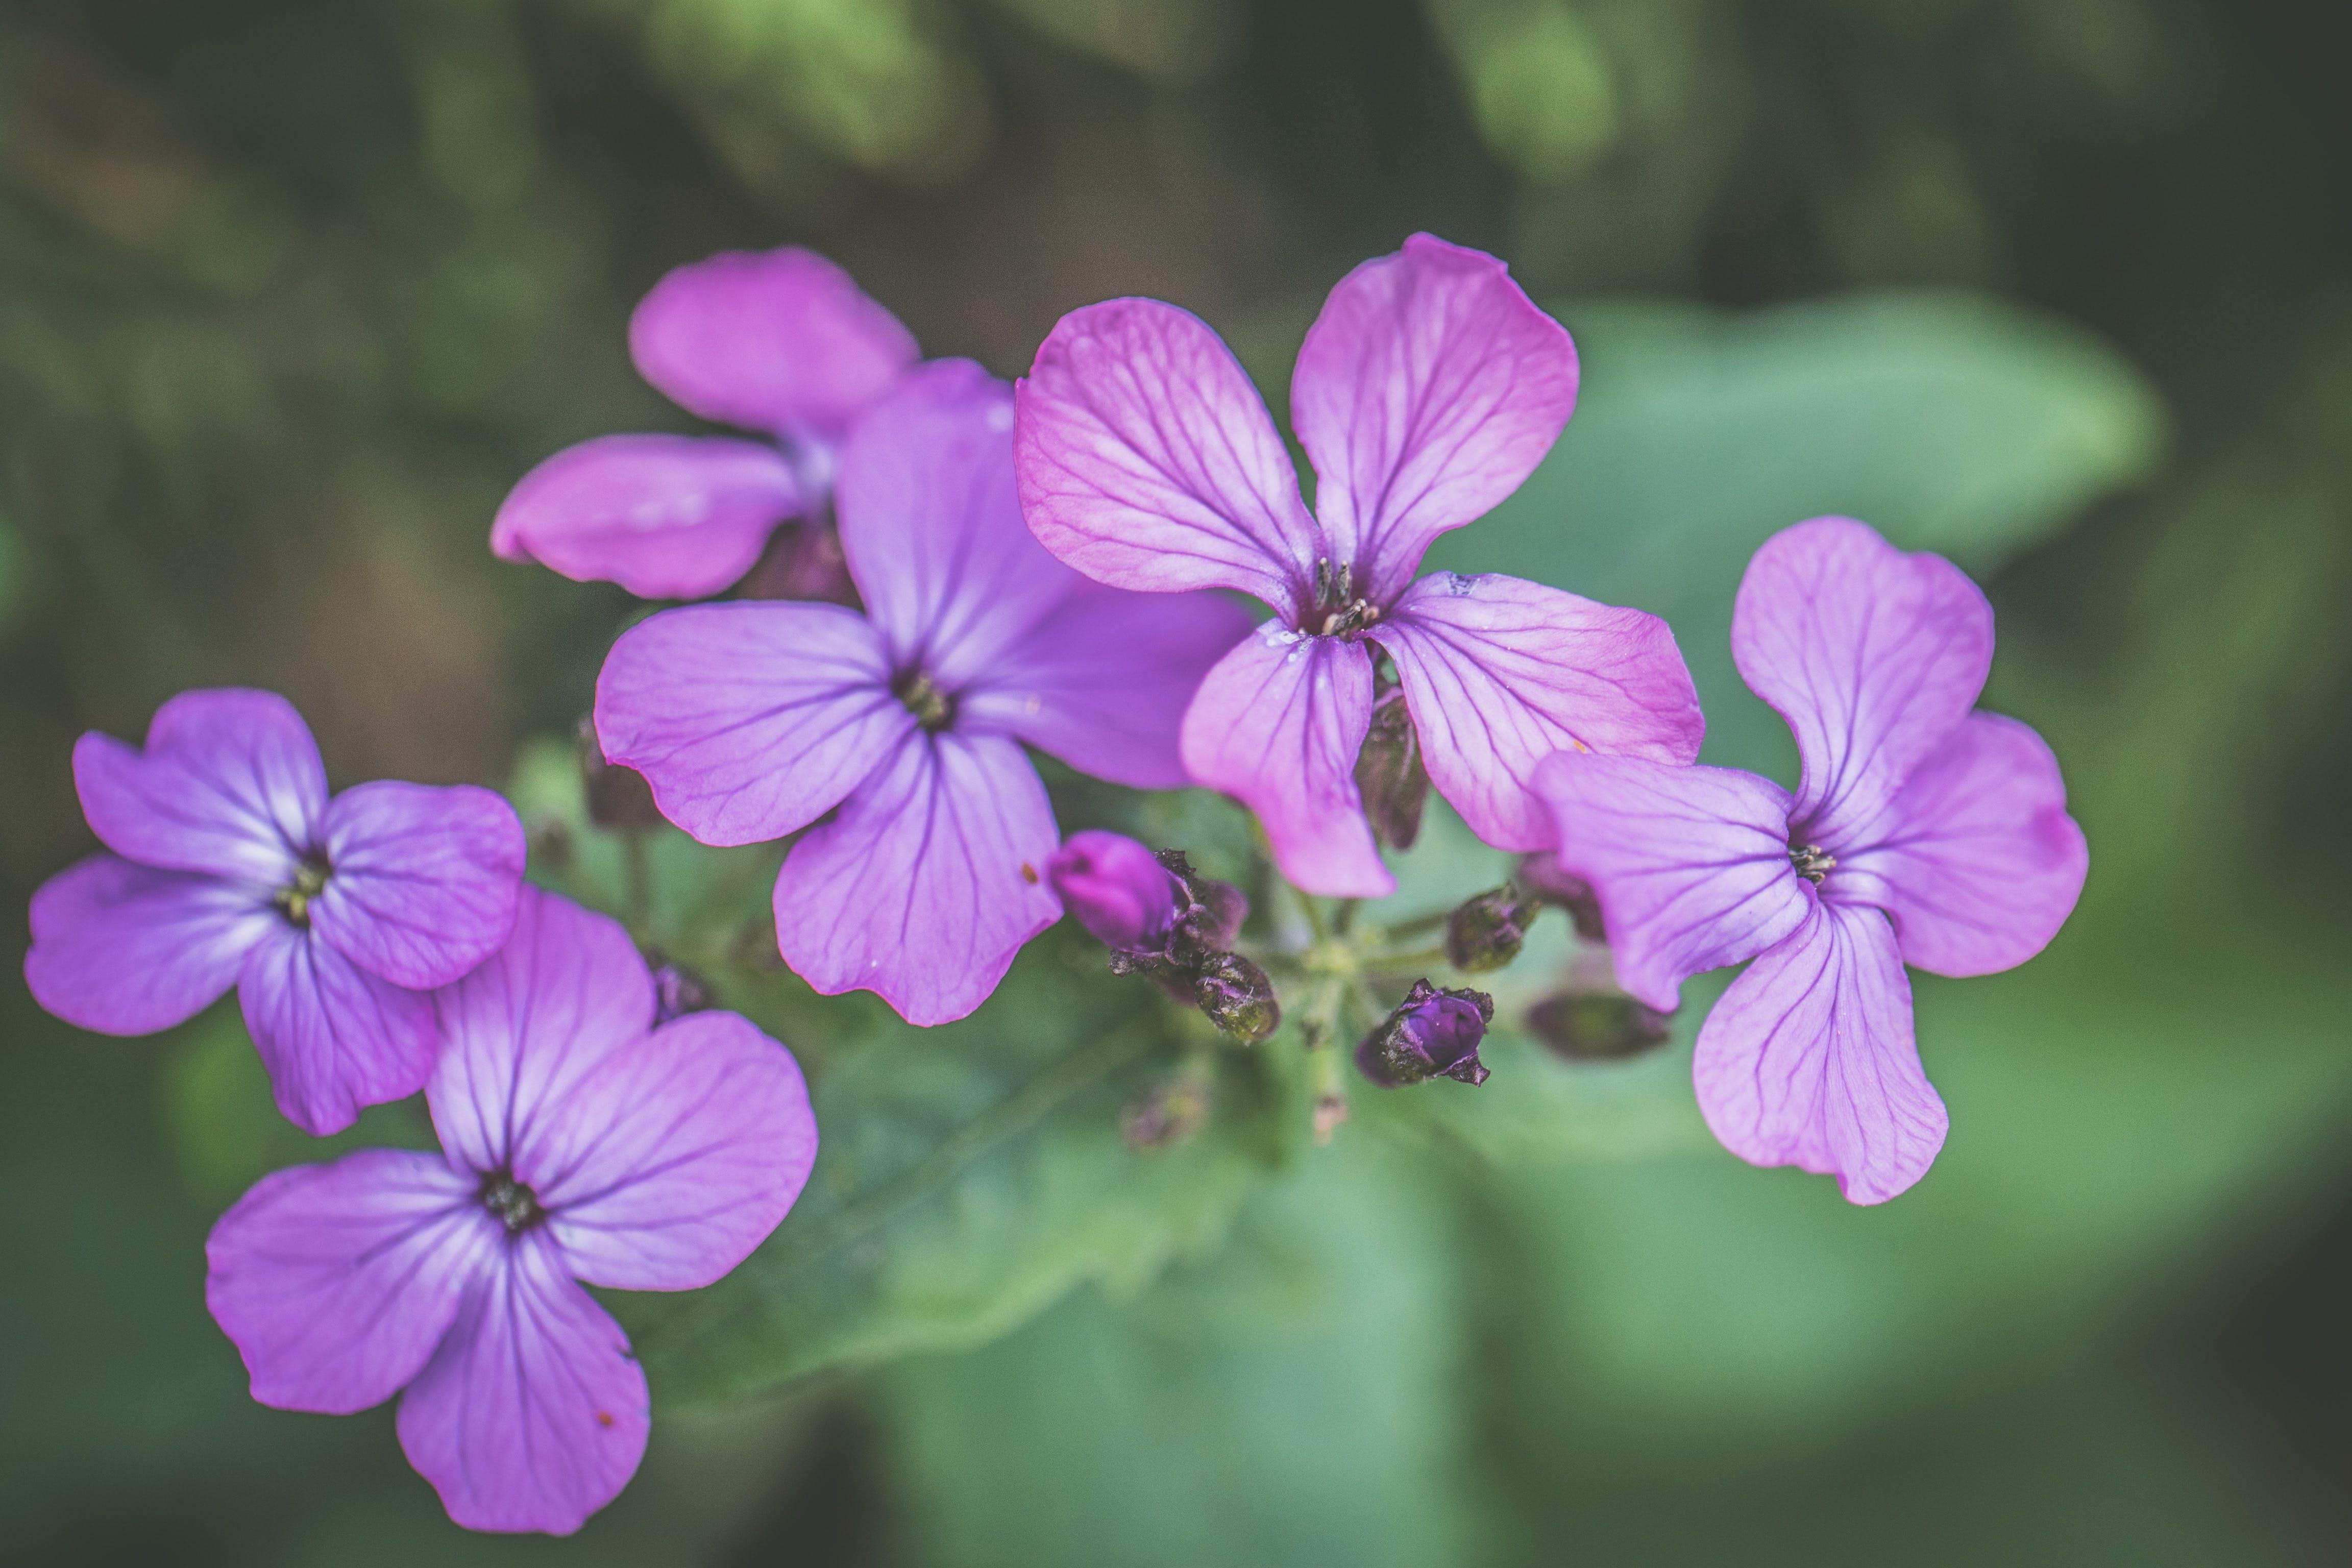 Immagine gratuita di bellissimo, bocciolo, botanico, colore